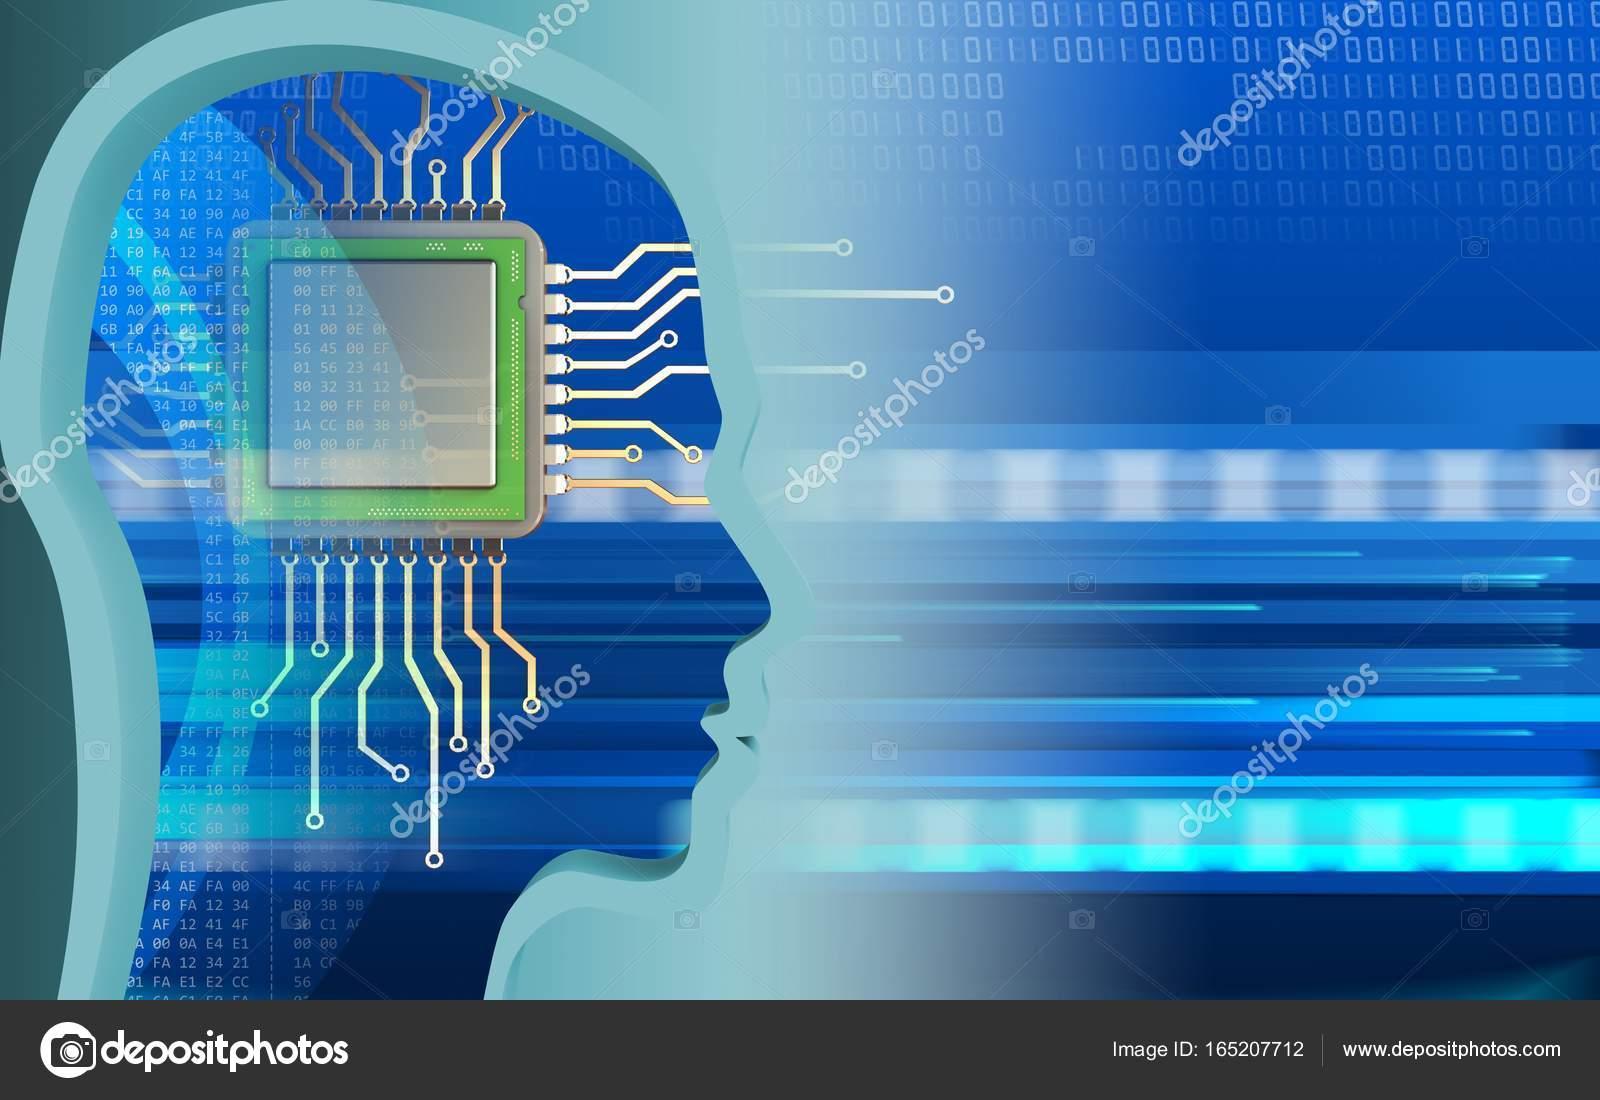 Chip über Cyber Hintergrund   Stockfotografie lizenzfreie Fotos ...